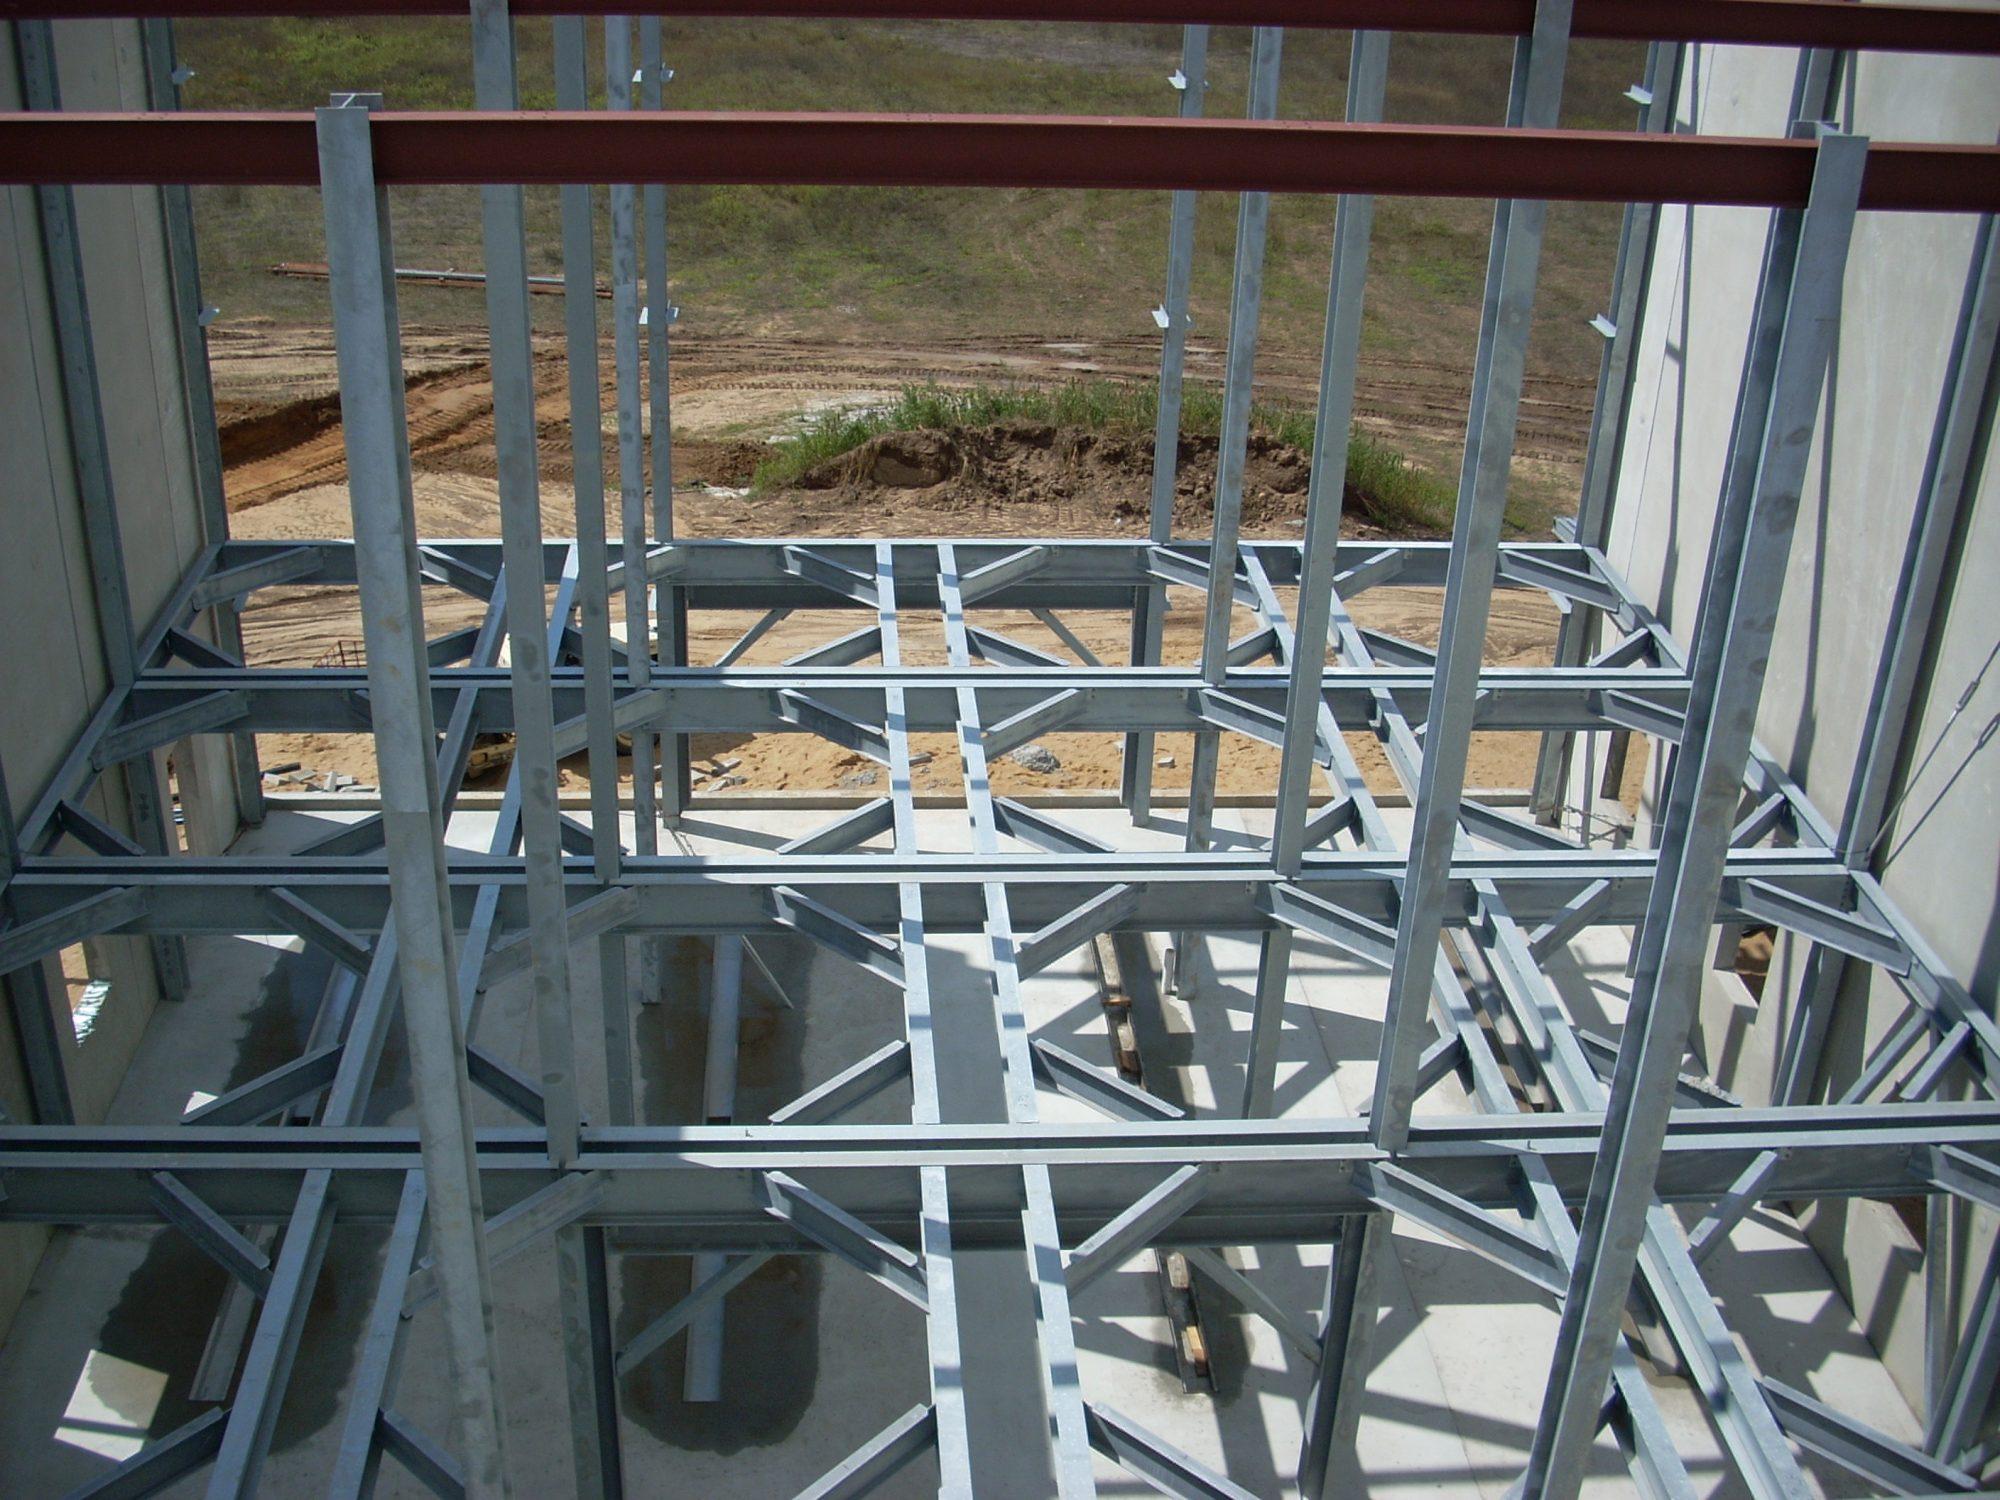 Structural Framing for Platform (Bells Brewing)